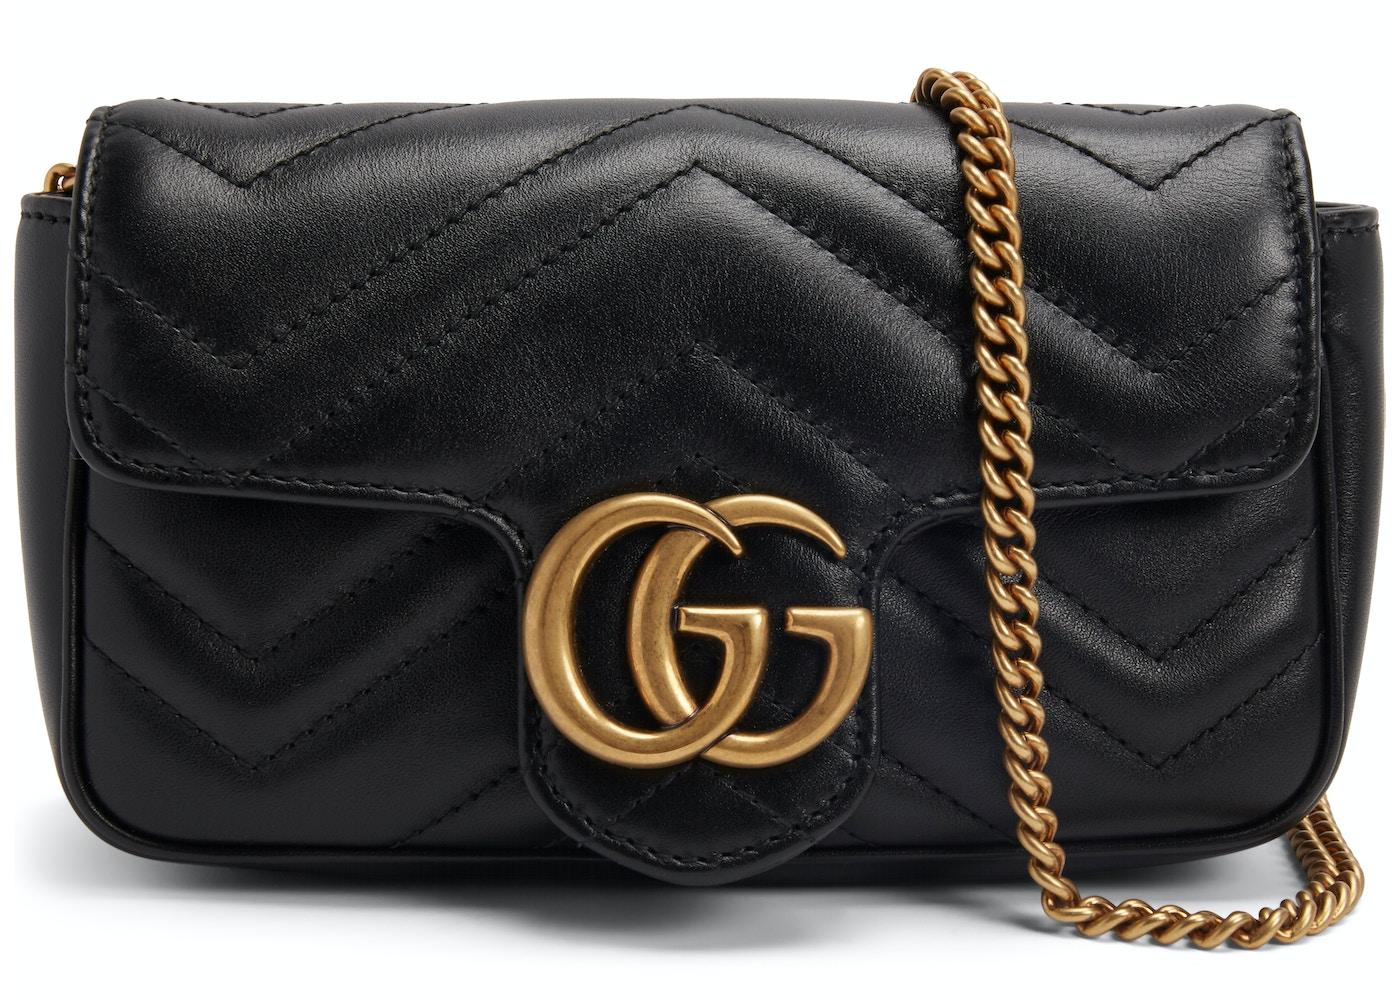 fb17b58f156b Buy   Sell Gucci Luxury Handbags